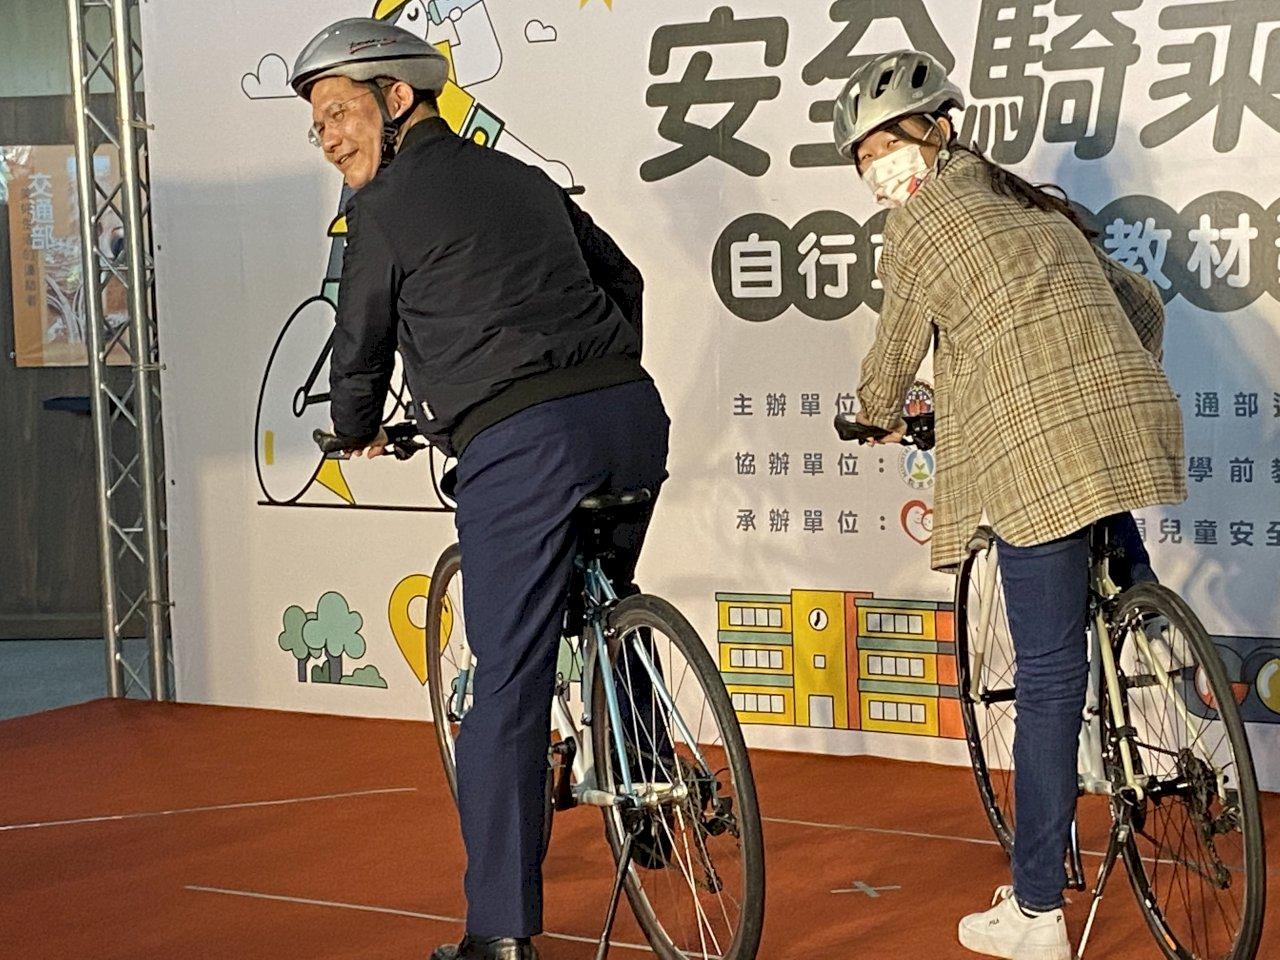 交通部攜手教育部 首創推出「安全騎乘自行車」數位教材